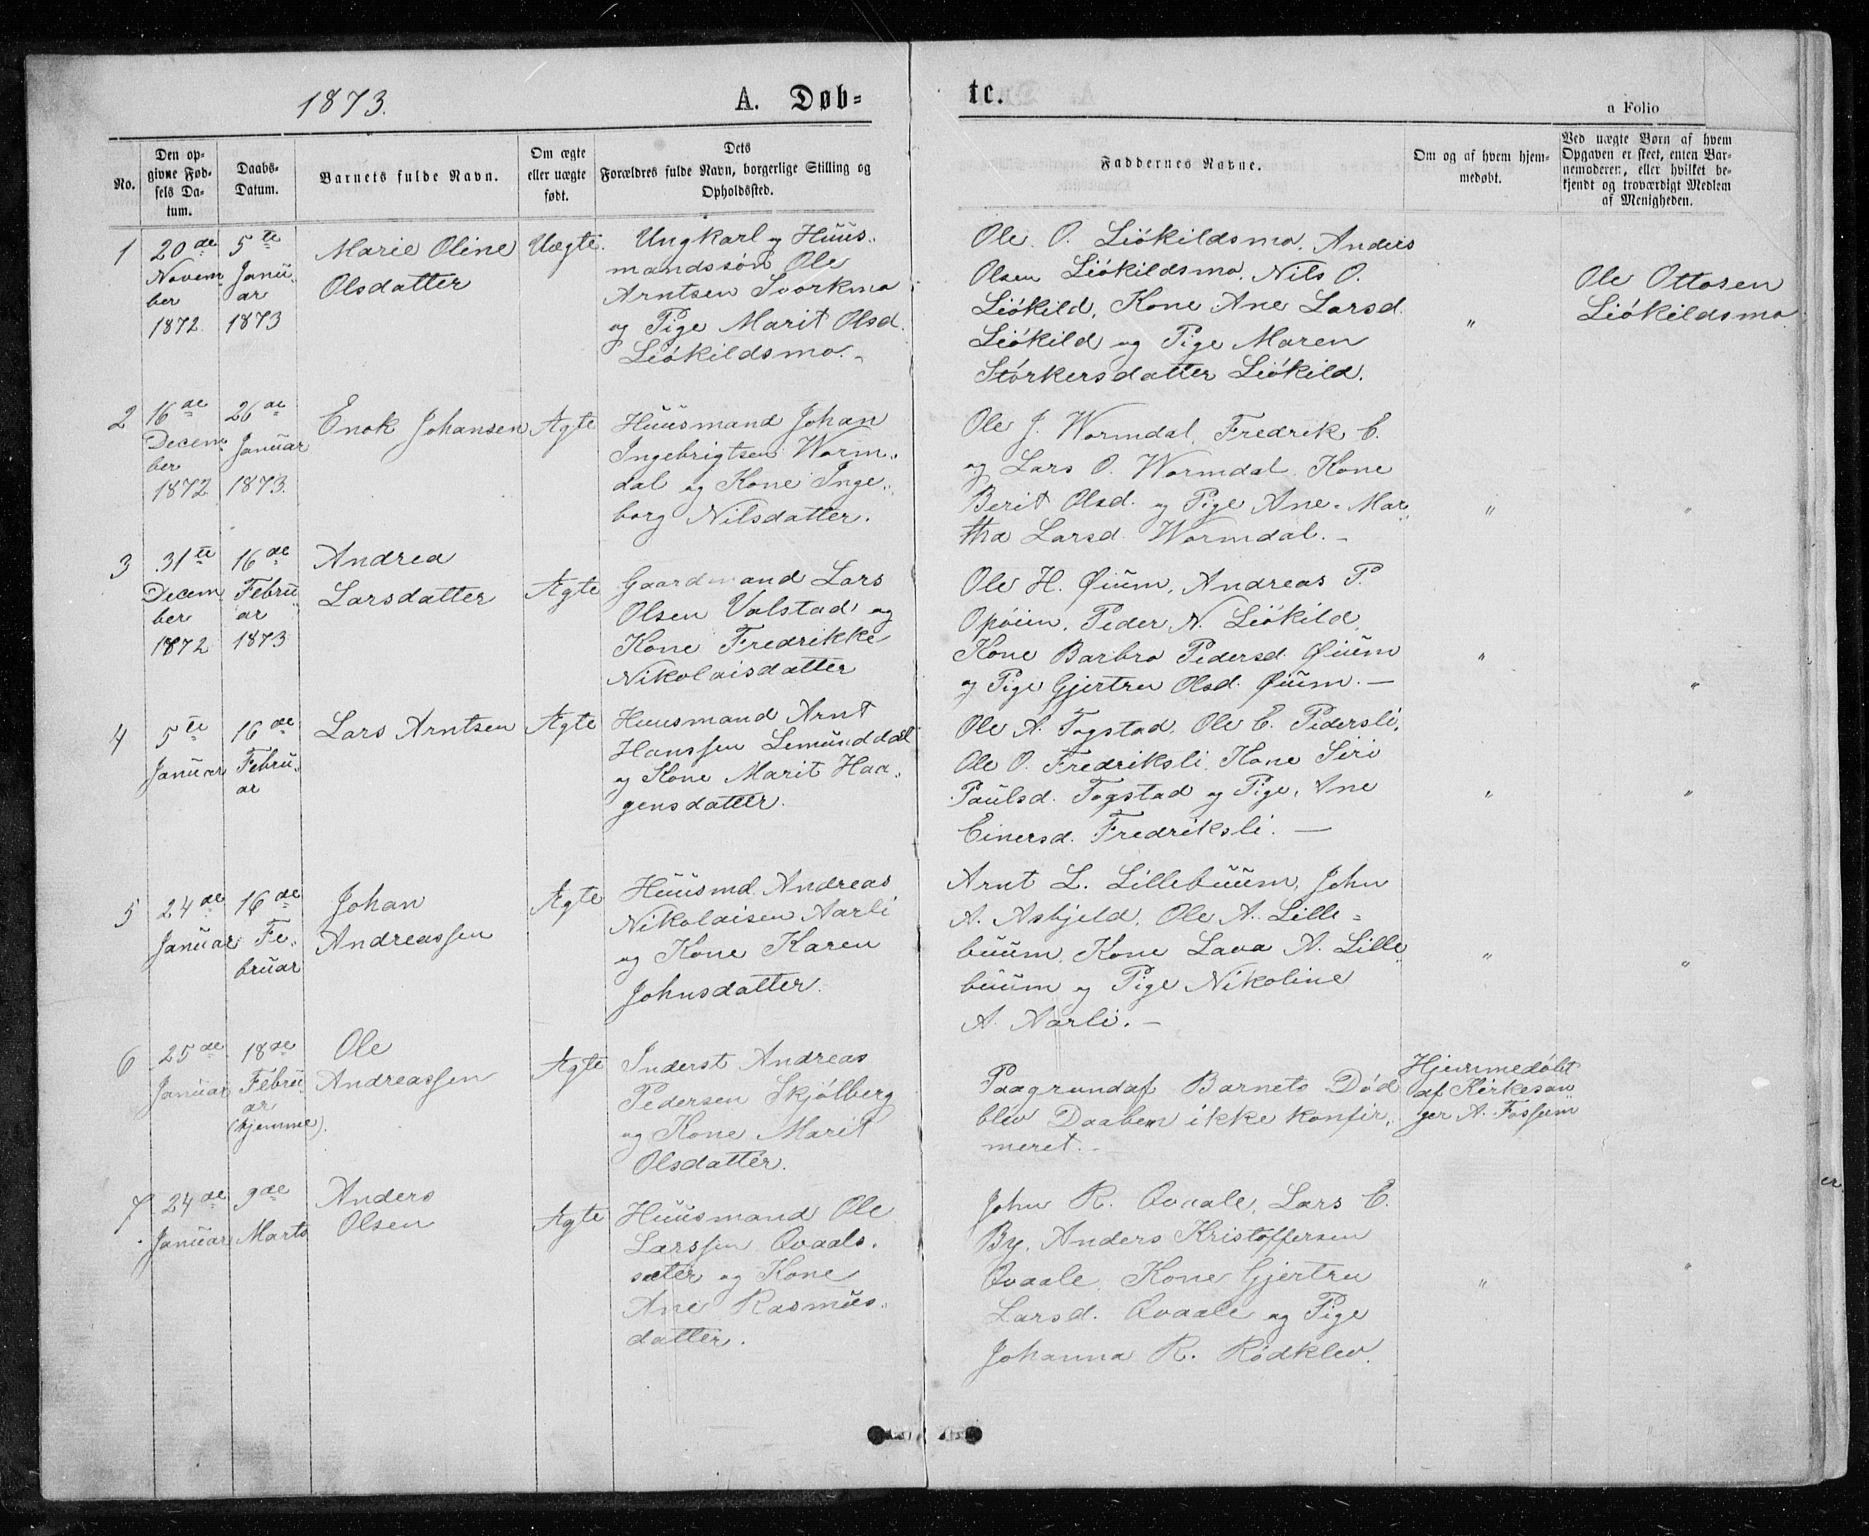 SAT, Ministerialprotokoller, klokkerbøker og fødselsregistre - Sør-Trøndelag, 671/L0843: Klokkerbok nr. 671C02, 1873-1892, s. 1